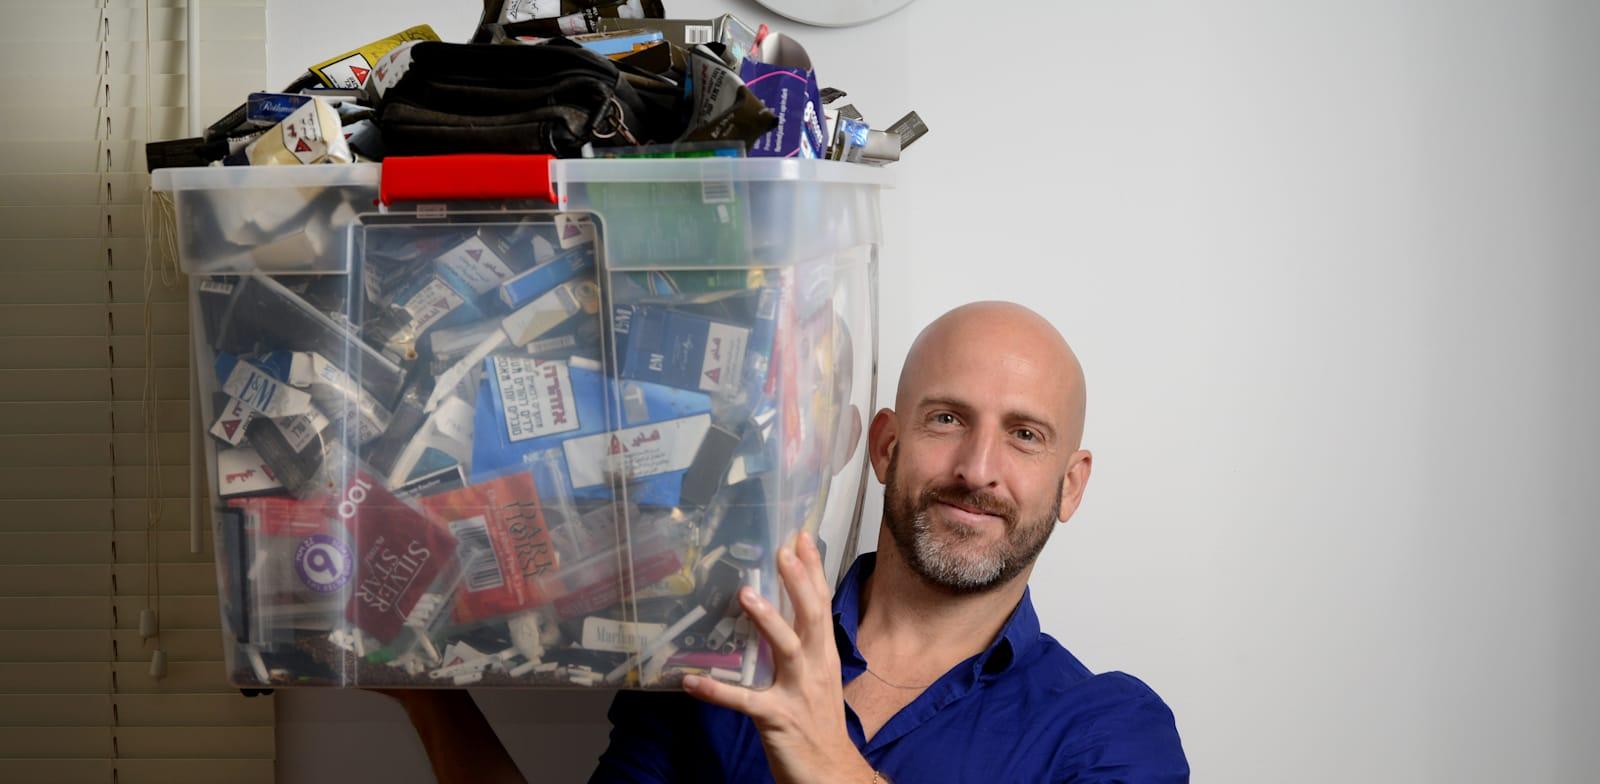 """אסף אשכנזי, מנכ""""ל אלן קאר ישראל, חברה שמציעה גמילה מעישון / צילום: איל יצהר"""